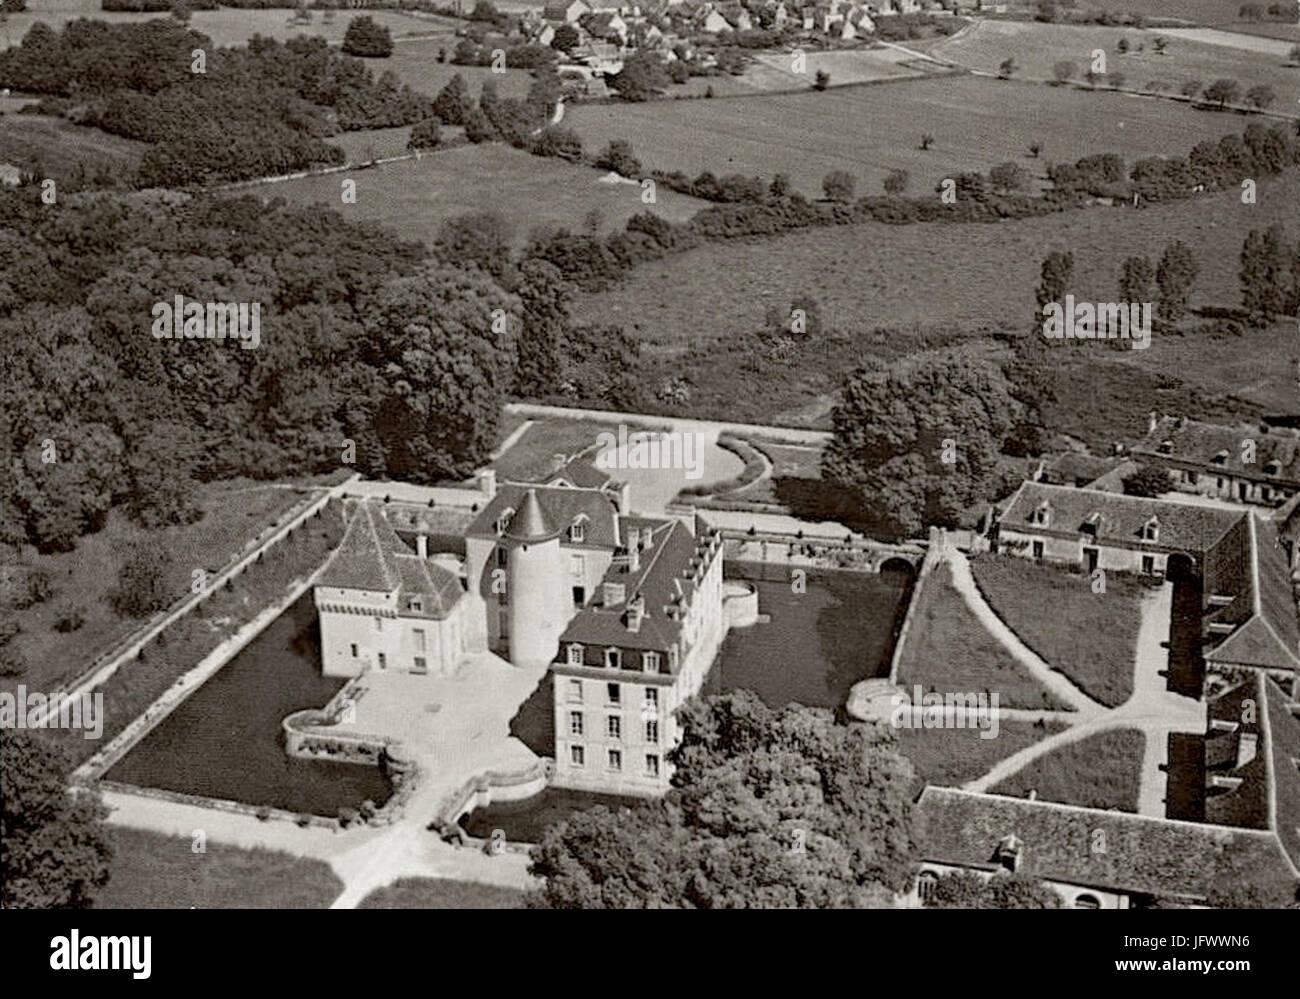 Chateau-boussay-aérien-communs - Stock Image